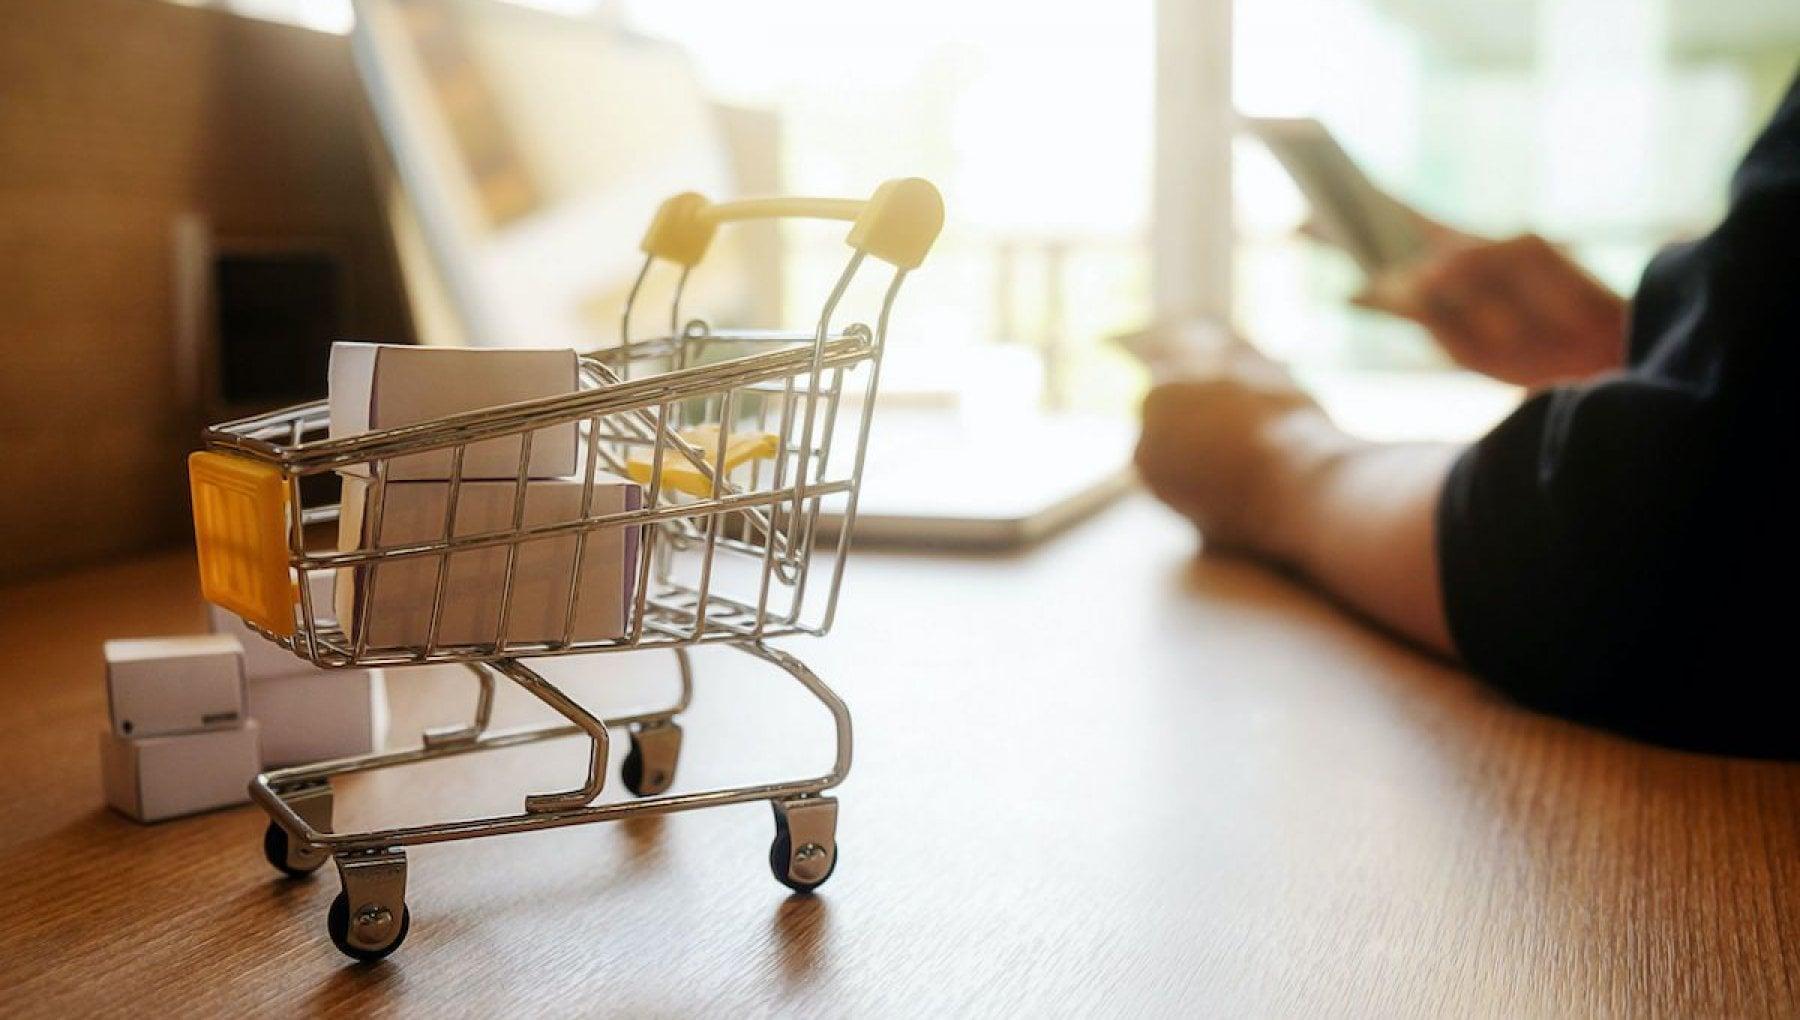 Donne e over 65 il secondo lockdown allarga la spinta del commercio online